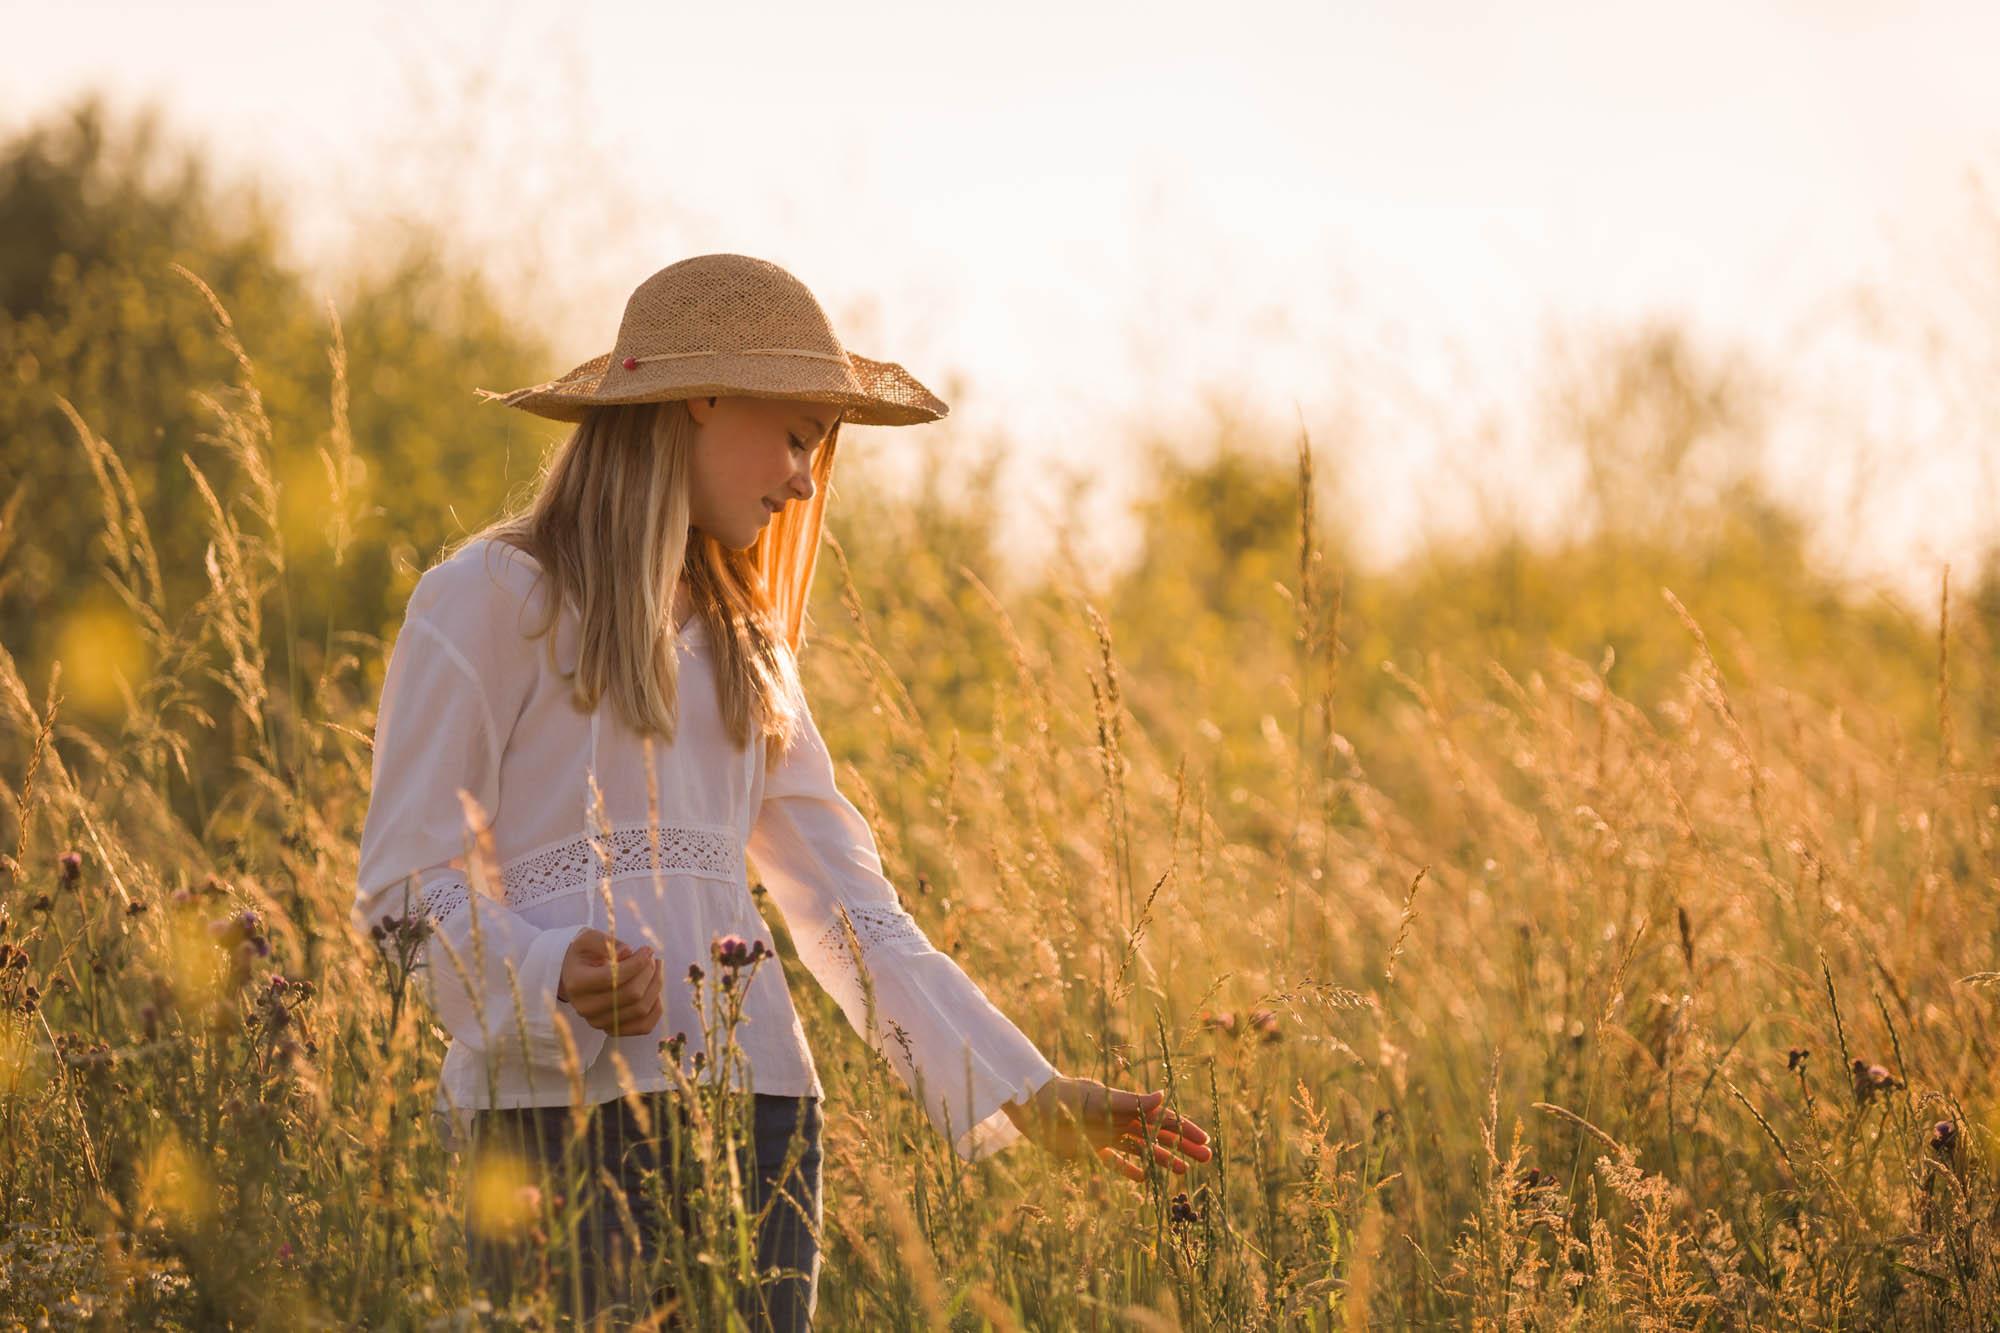 Romantisch portret van meisje met strohoedje tussen hoog gras tijdens het gouden uurtje door MayraFotografie